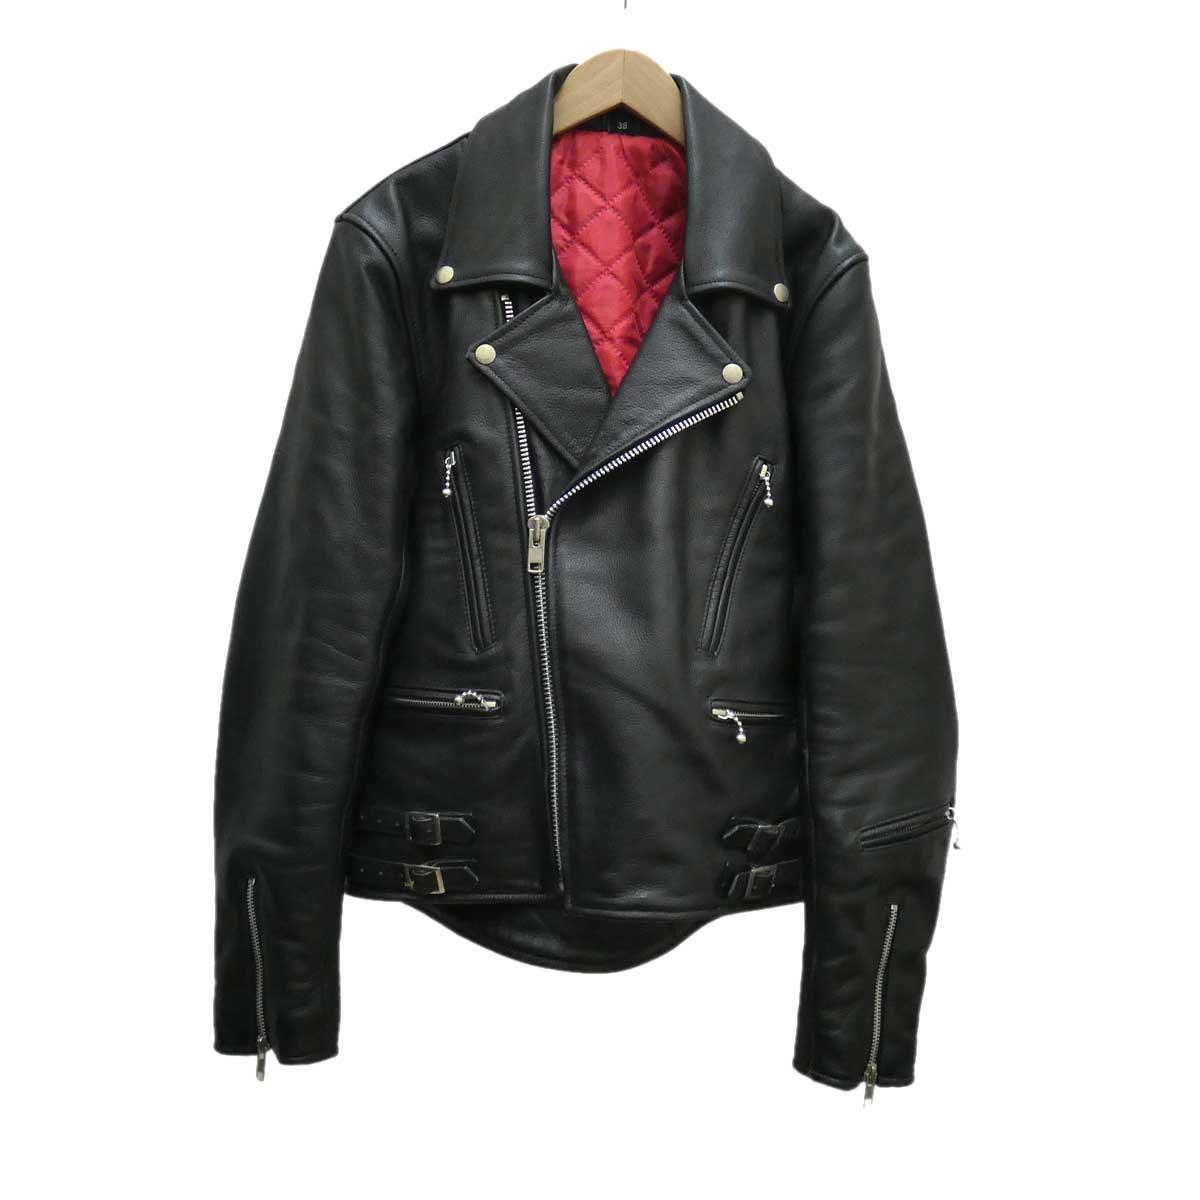 【中古】FREEDOM ダブルライダースジャケット ブラック サイズ:38 【300120】(フリーダム)